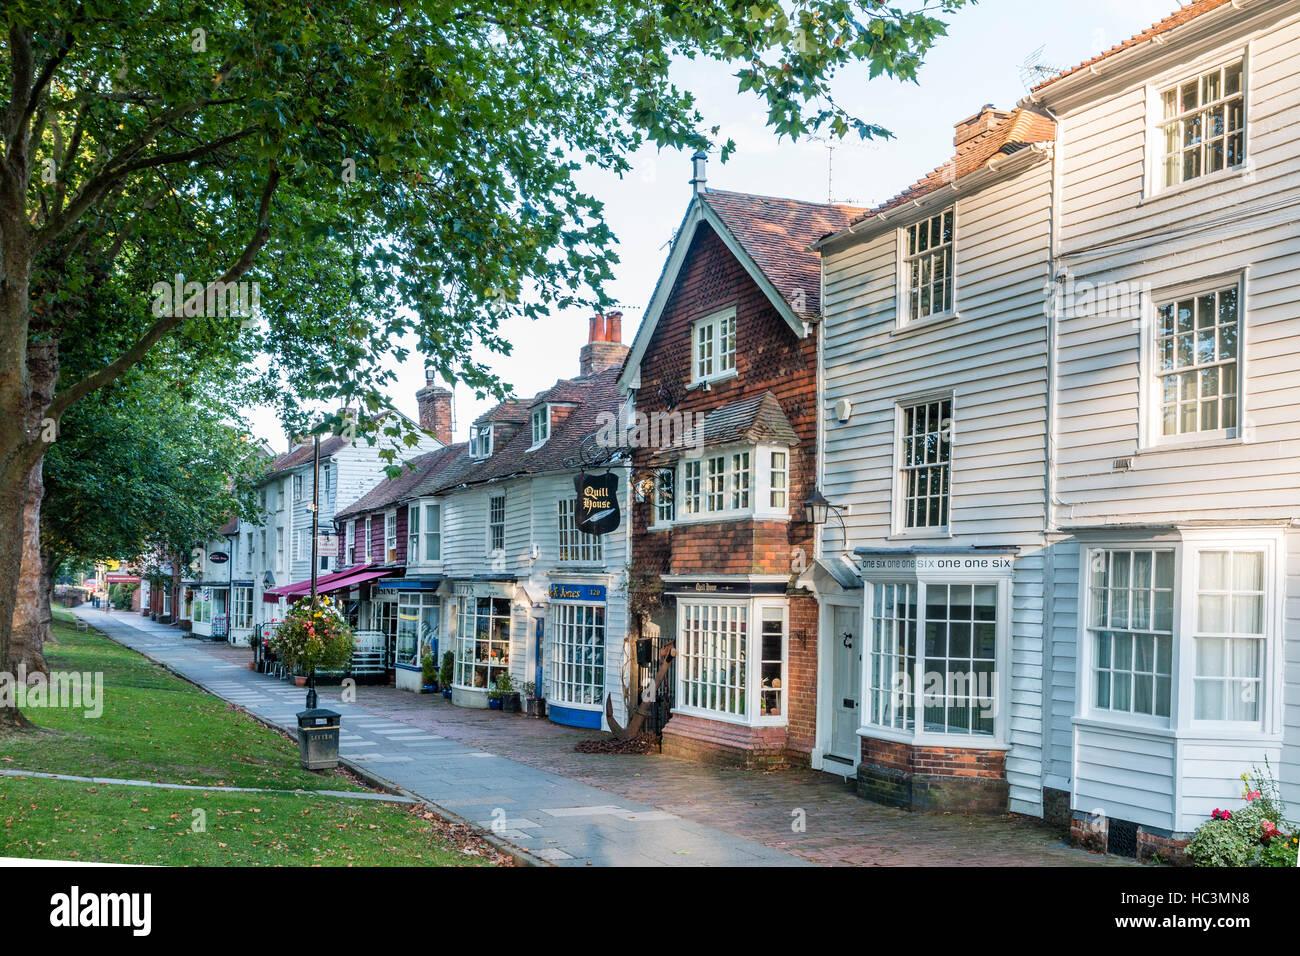 Case Di Legno E Mattoni : Inghilterra tenterden fila di edifici case e negozi lungo